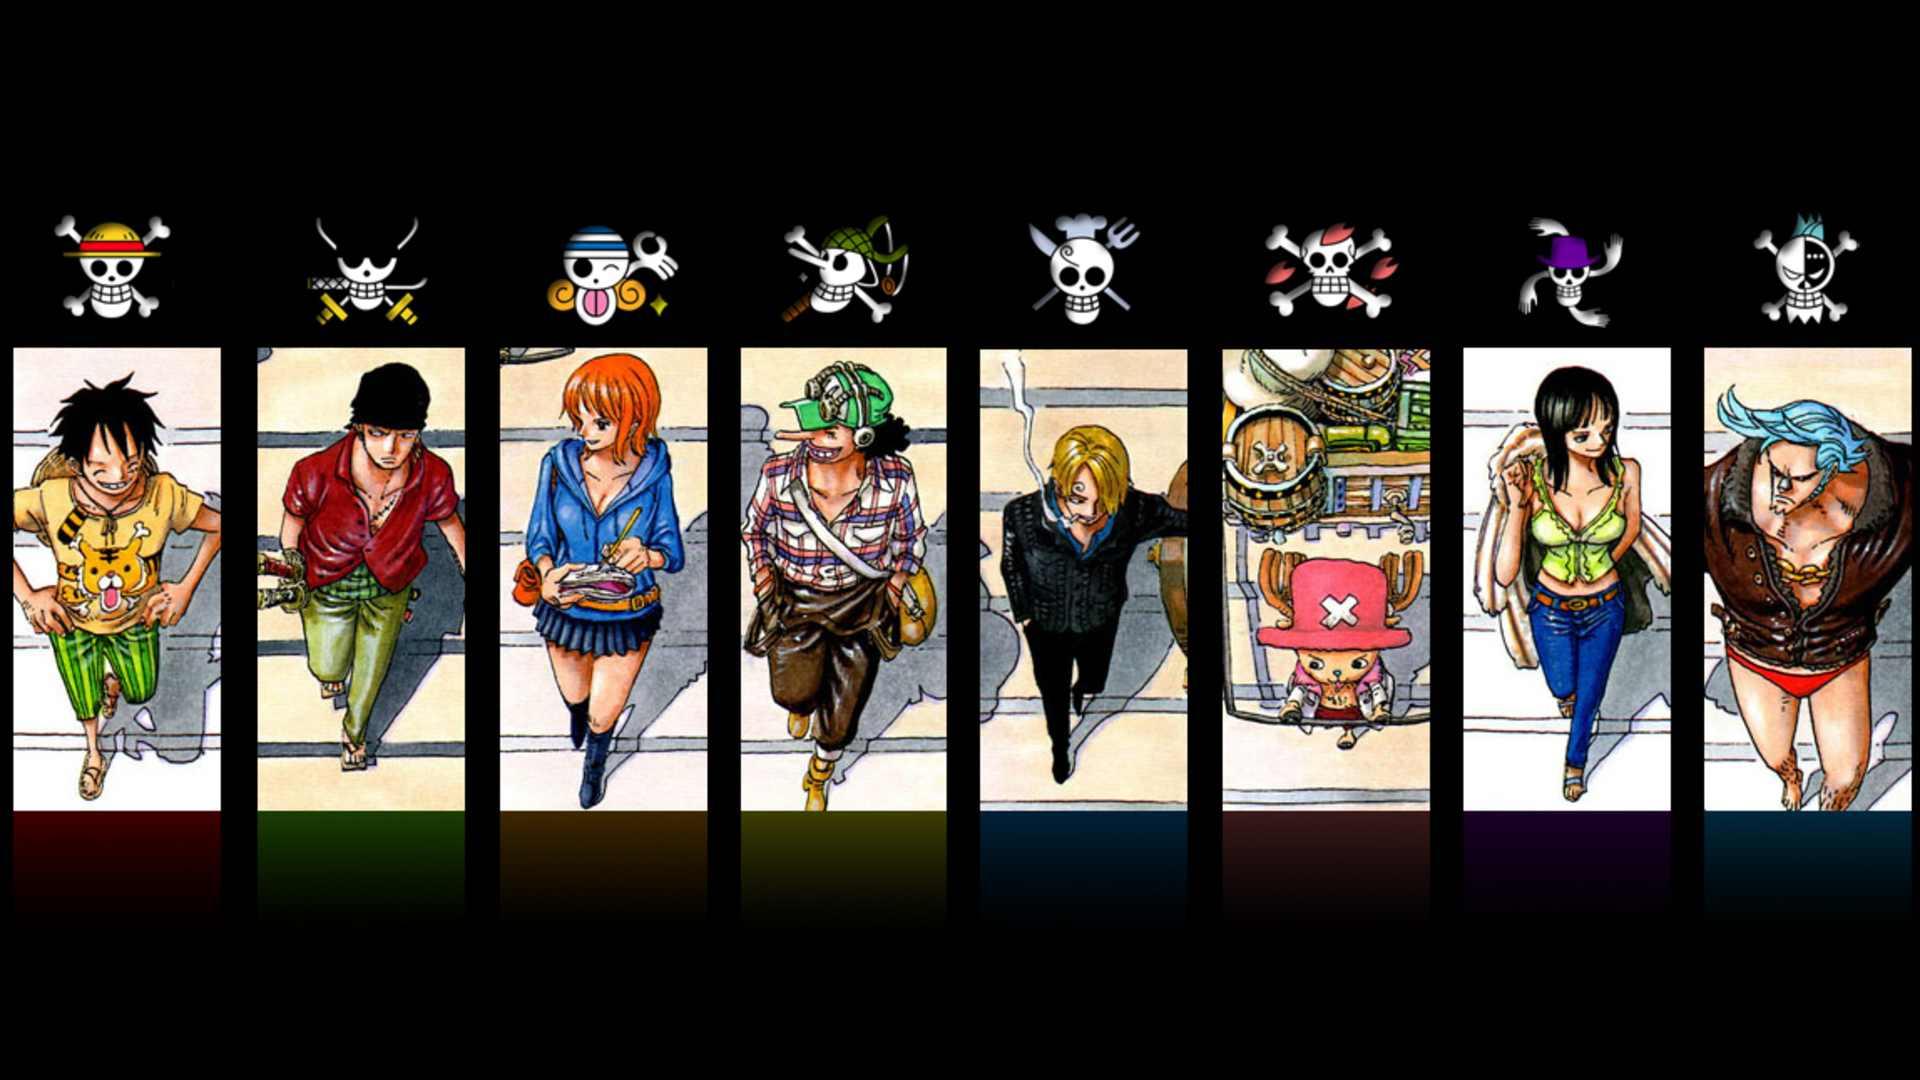 One Piece Hd Wallpaper 1920x1080 Portrait